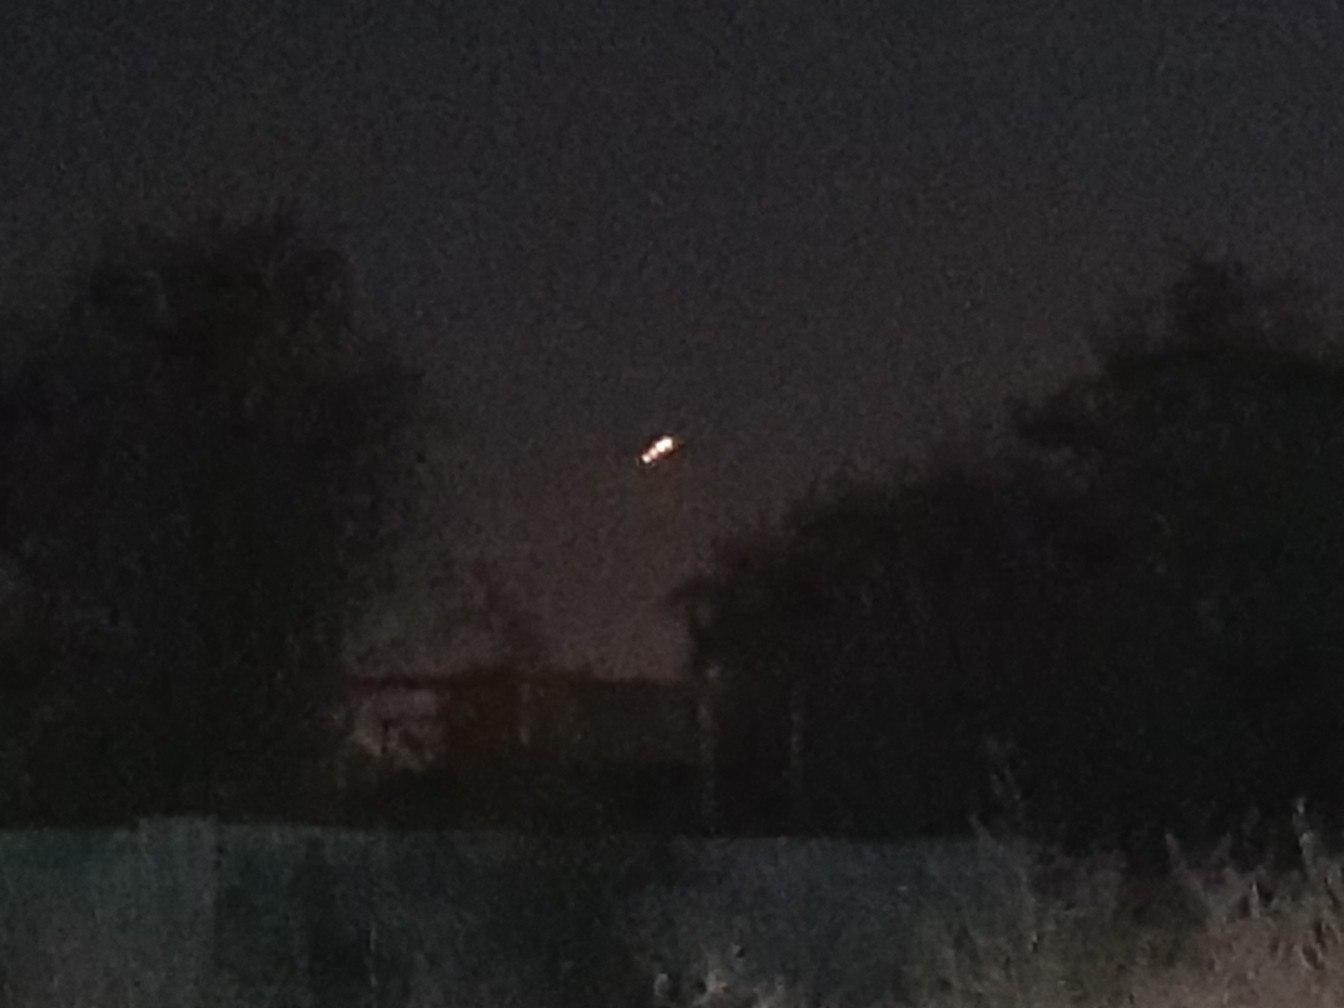 70YHhGqsobo Жителей Килийщины напугал неопознанный светящийся объект, который летал над районом